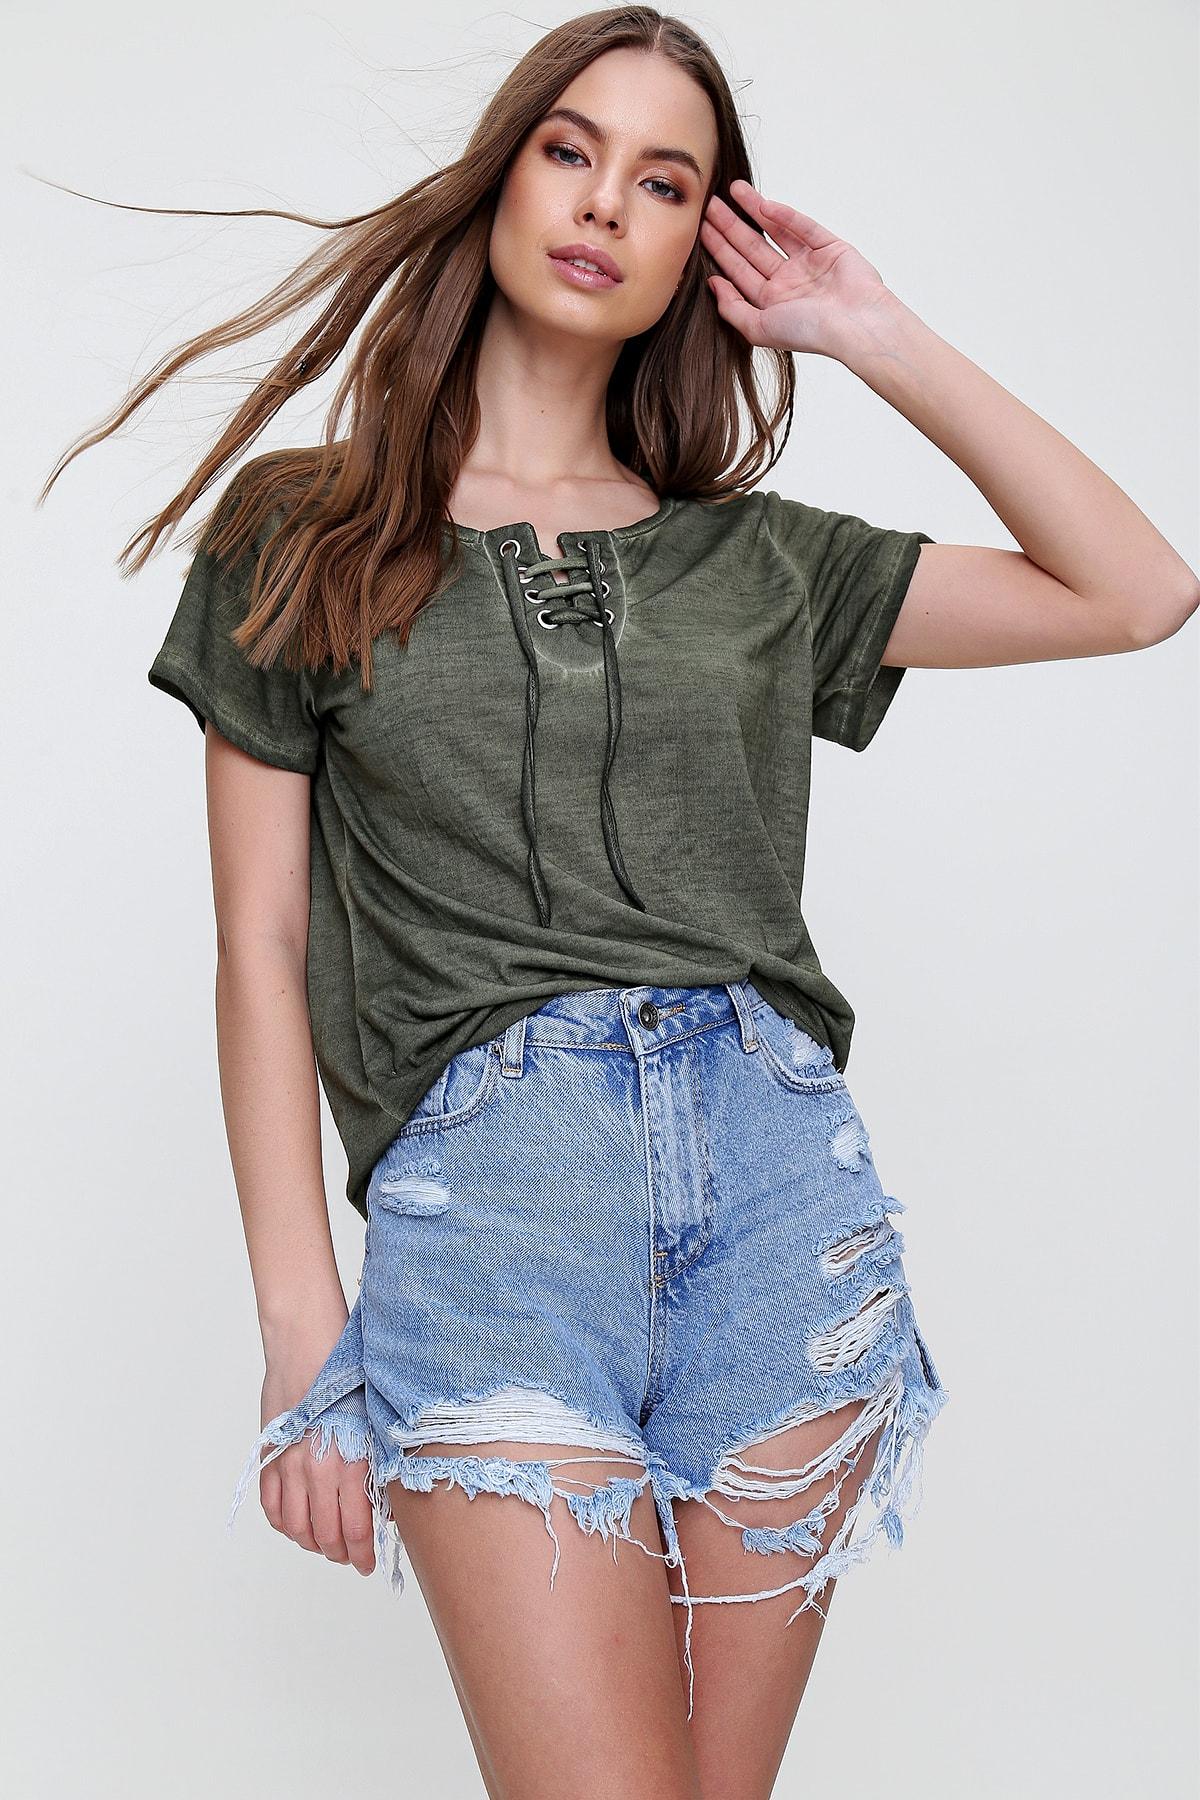 Trend Alaçatı Stili Kadın Haki Kuş Gözlü Yakası Bağcıklı Yıkamalı T-Shirt MDA-1127 1